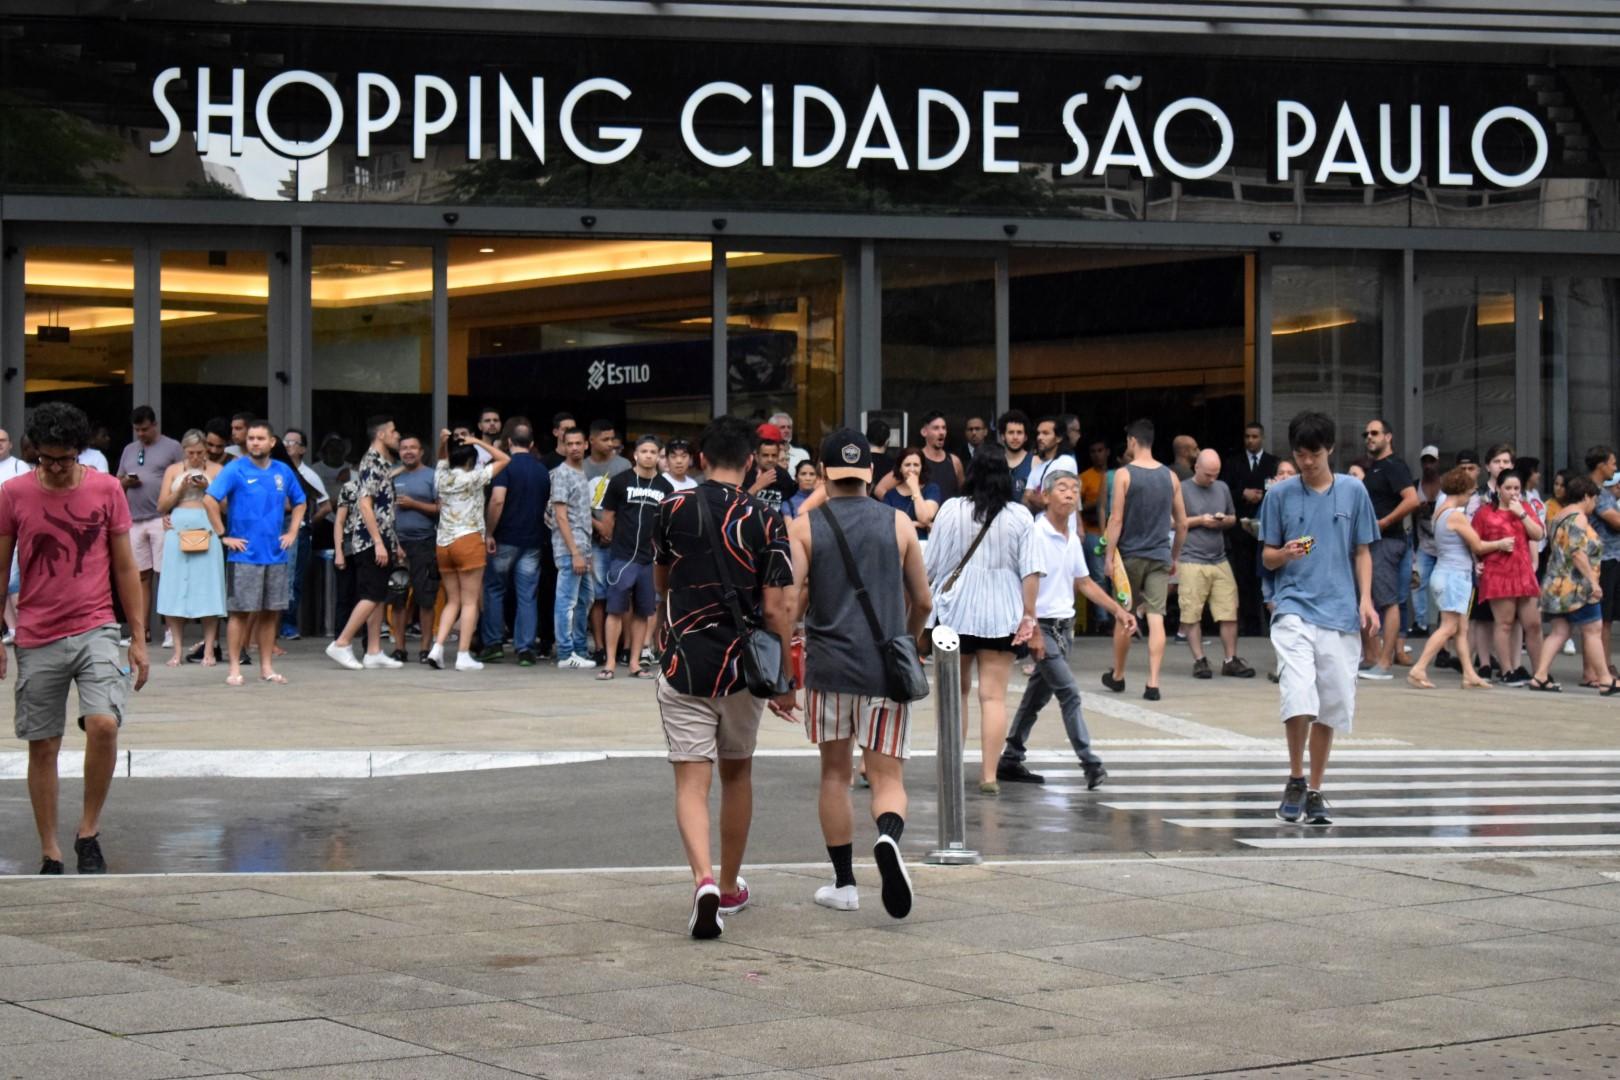 Shopping Cidade São Paulo, Avenida Paulista, São Paulo